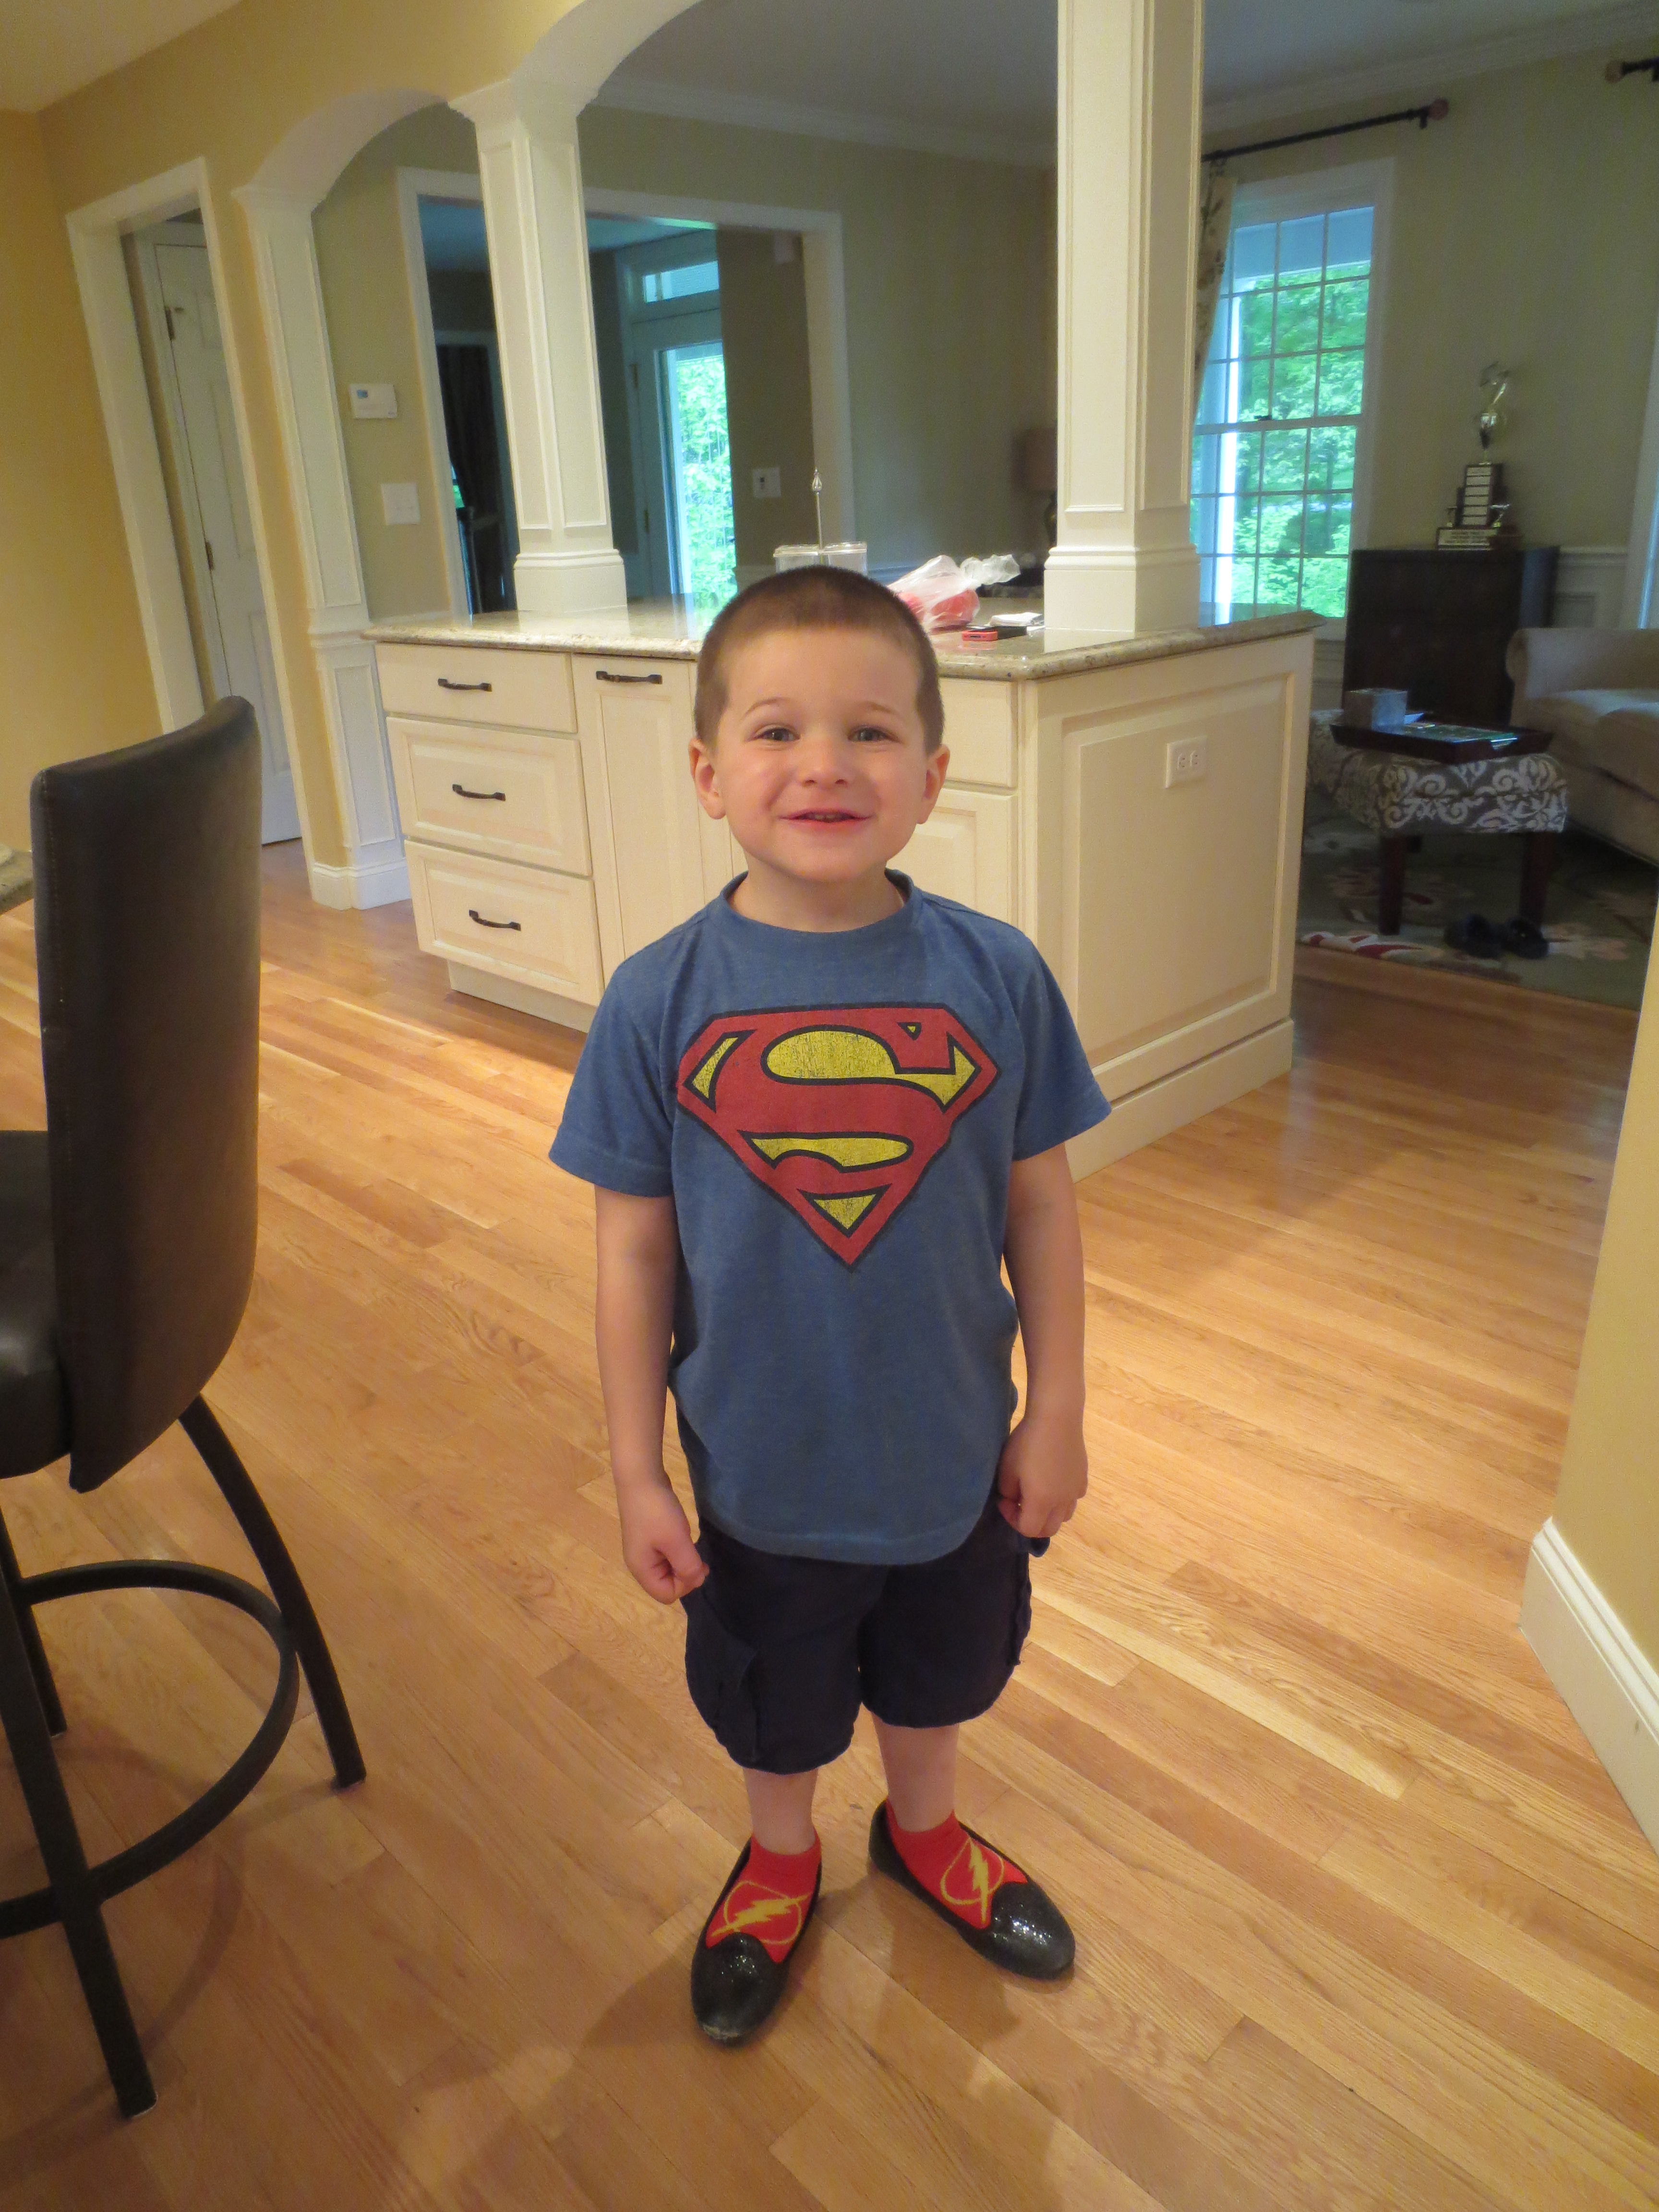 Even Superman needs a little sparkle.